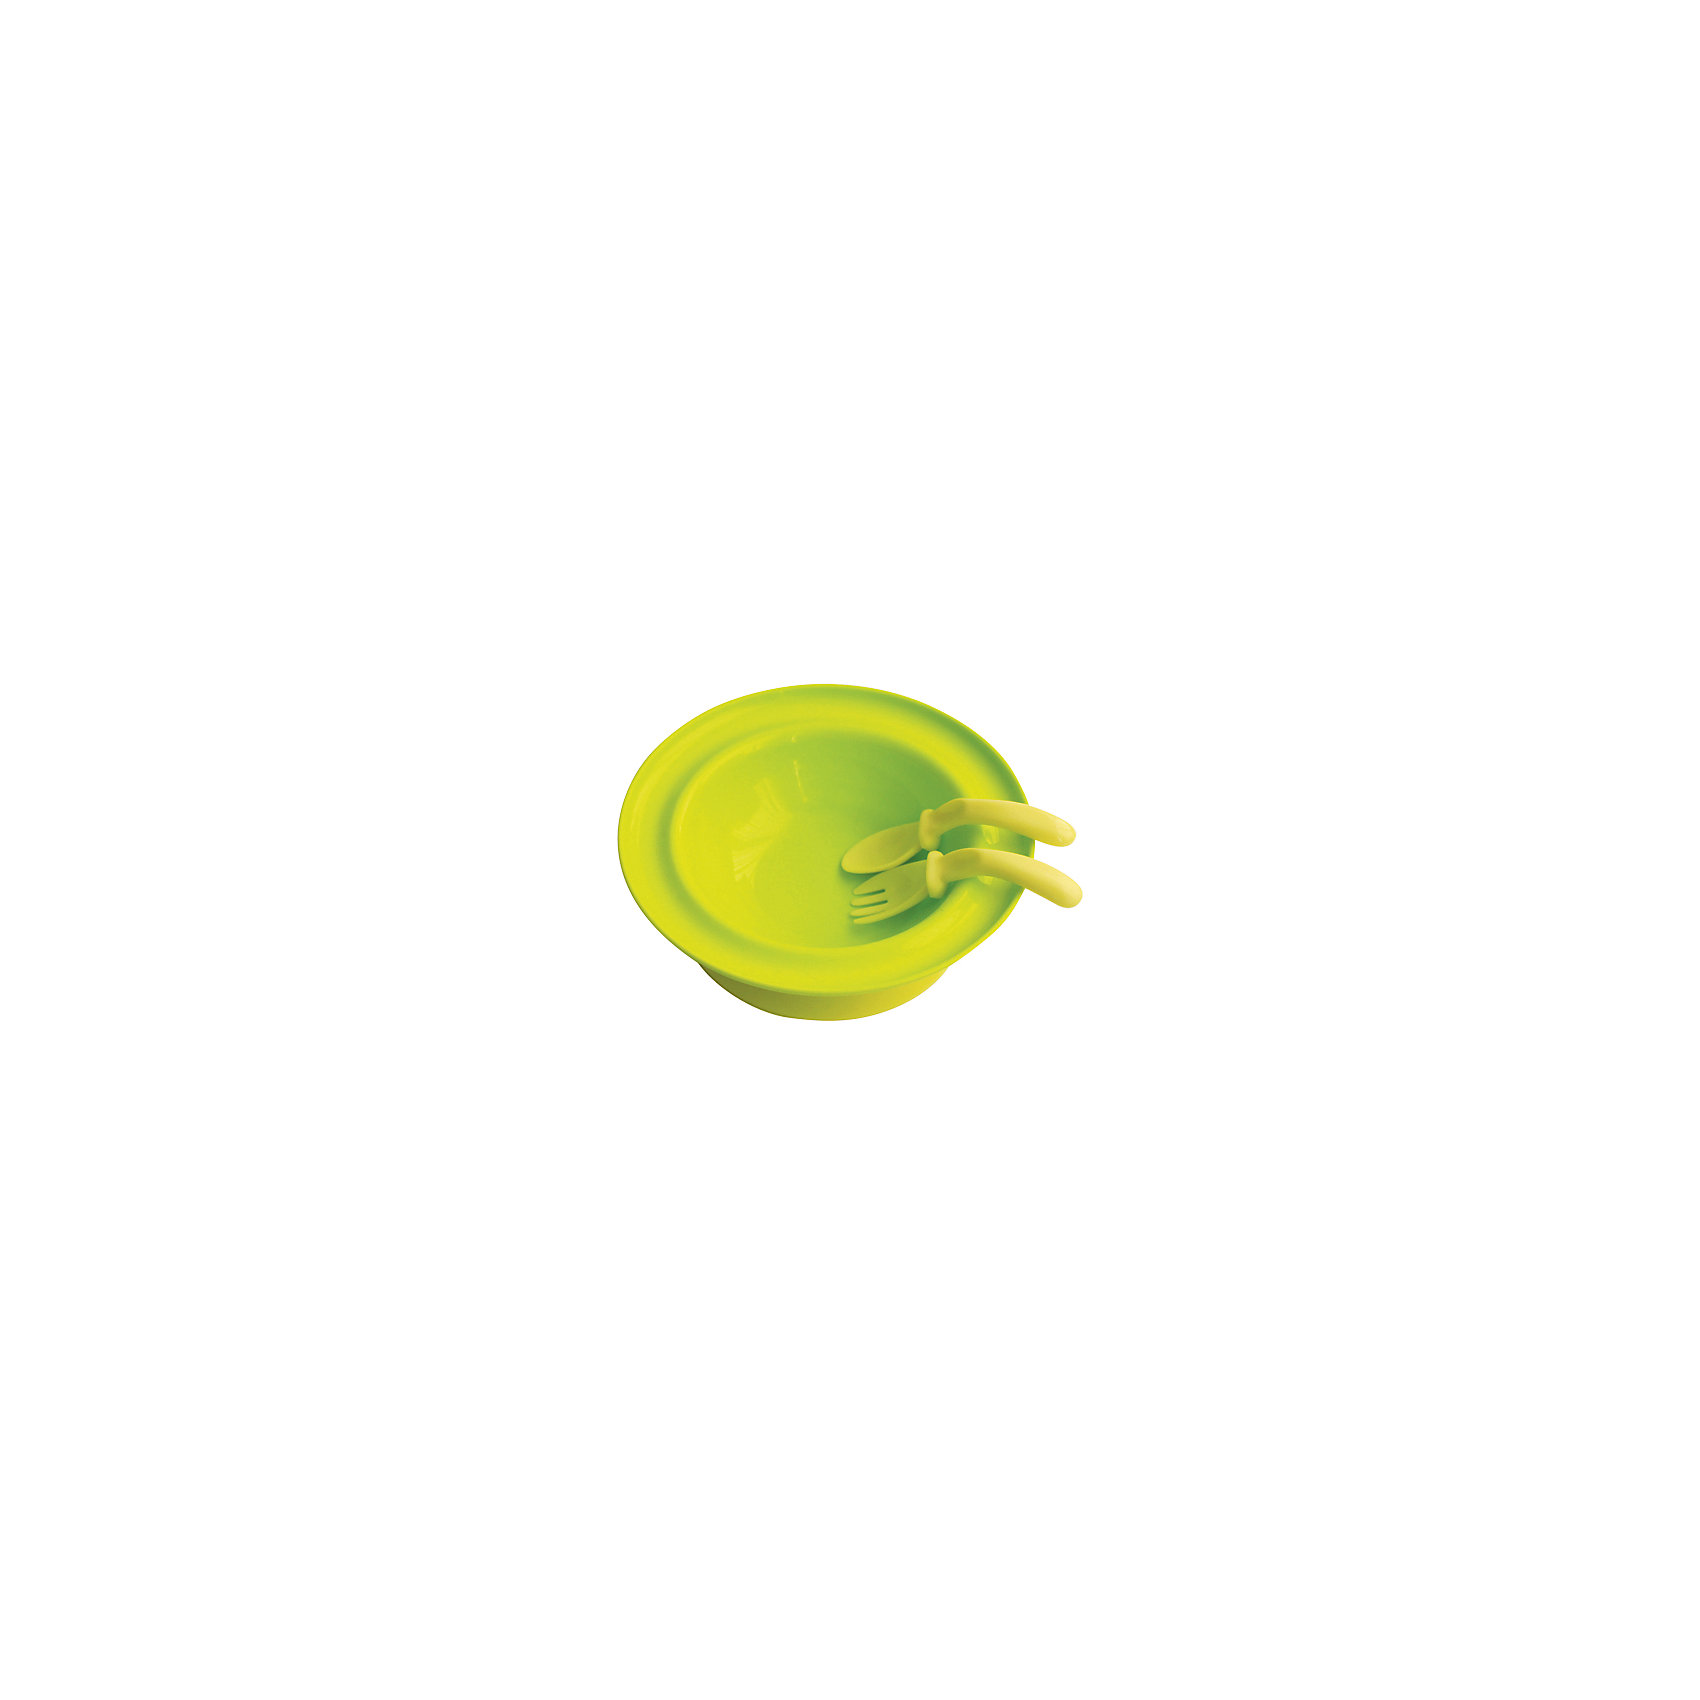 Тарелка 250 мл. с присоской с вилкой и ложкой от 6 мес., LUBBY, зеленыйПосуда для малышей<br>Тарелка на присоске с приборами поможет Вашему малышу научиться кушать самостоятельно.  Форма ложки и вилки изогнутая и удобно размещается в ручке малыша. Присоска расположенная на оборотной стороне тарелки,   надежно  прикрепляя ее столу или любой другой гладкой поверхности. Для снятия тарелки с поверхности потяните присоску за язычок.<br><br>Дополнительная информация: <br><br>- состав: тарелка, ложка, вилка – полипропилен; присоска – р<br>- срок службы: 1 год<br>- комплектация: тарелка, присоска, ложка, вилка.<br>- размер: 250 мл.<br>- размер единичной упаковки (дхшхв) : 89*235*250<br><br>Тарелку  на присоске с ложкой и вилкой можно купить в нашем интернет-магазине.<br><br>Ширина мм: 235<br>Глубина мм: 89<br>Высота мм: 250<br>Вес г: 350<br>Возраст от месяцев: 6<br>Возраст до месяцев: 36<br>Пол: Унисекс<br>Возраст: Детский<br>SKU: 4801589